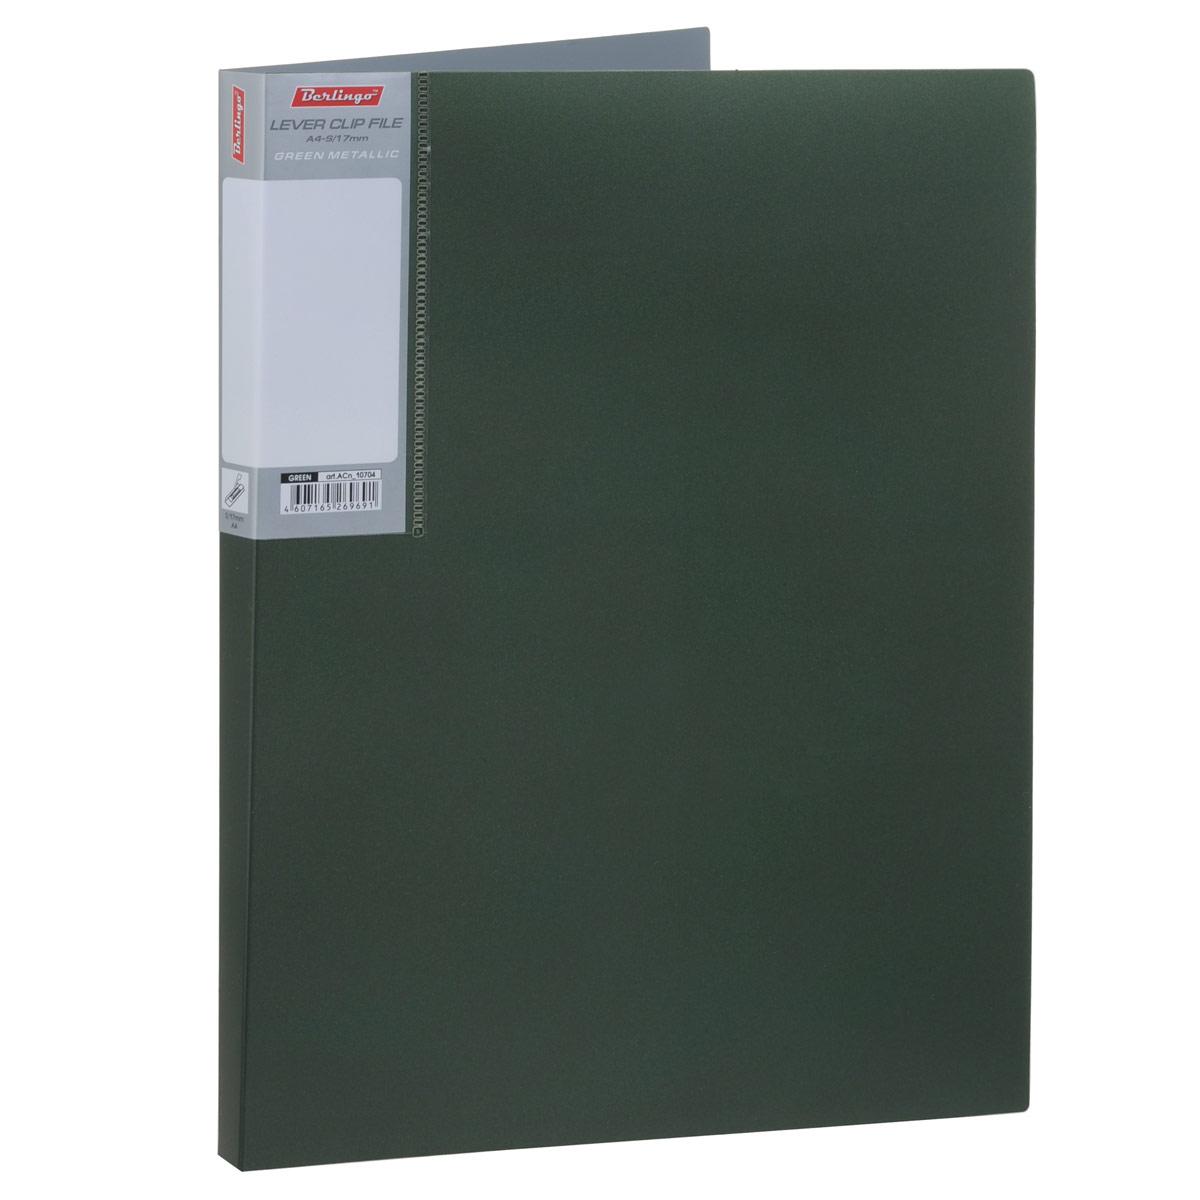 Berlingo Папка с боковым зажимом Metallic цвет темно-зеленый